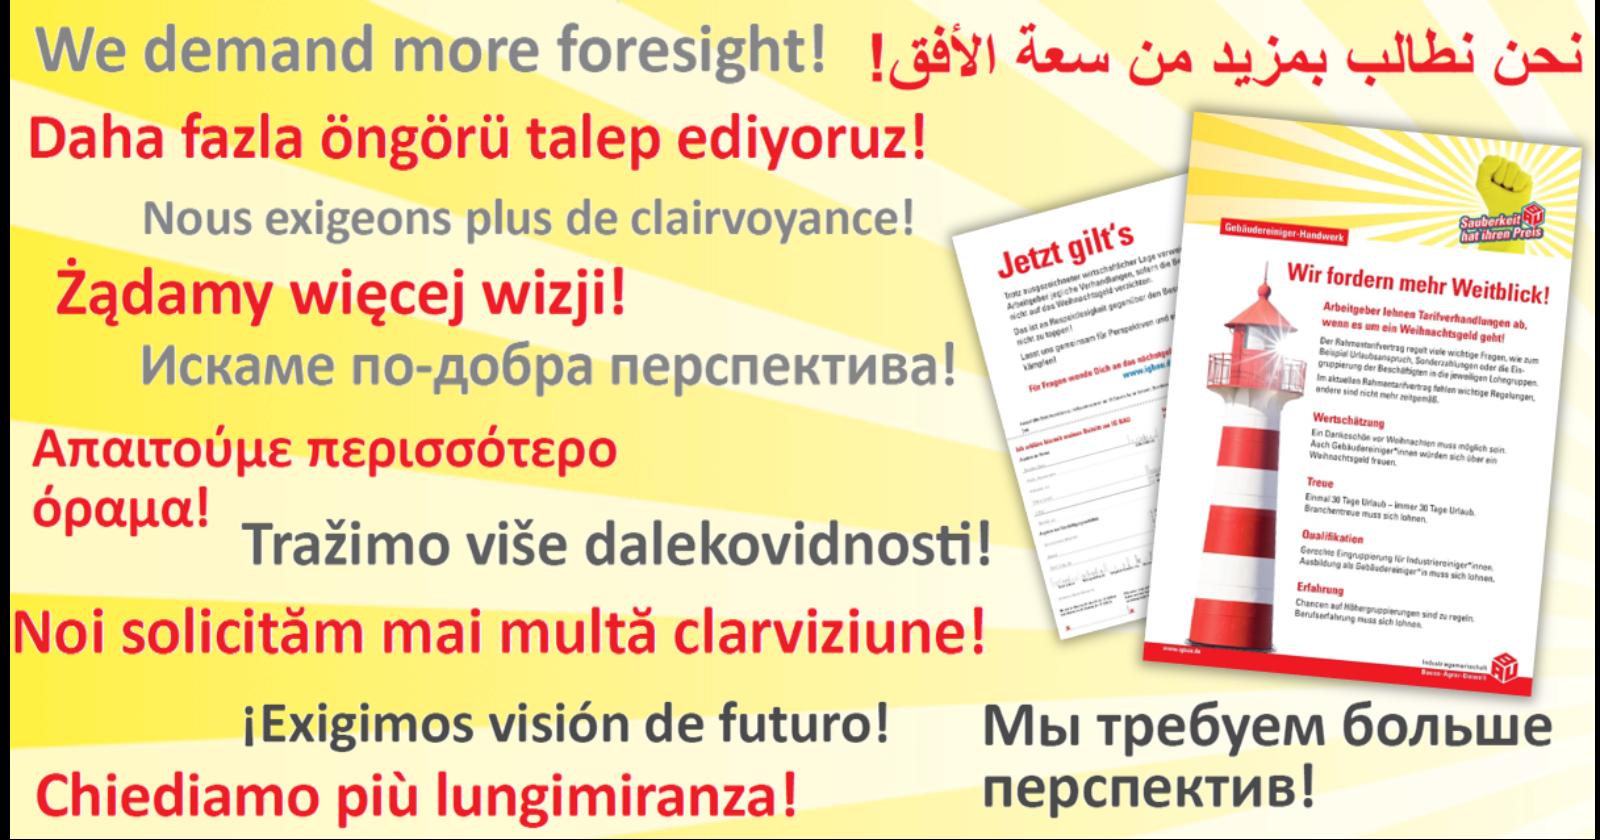 """Flugblatt """"Wir fordern mehr Weitblick!"""" jetzt auch in 12 weiteren Sprachen"""